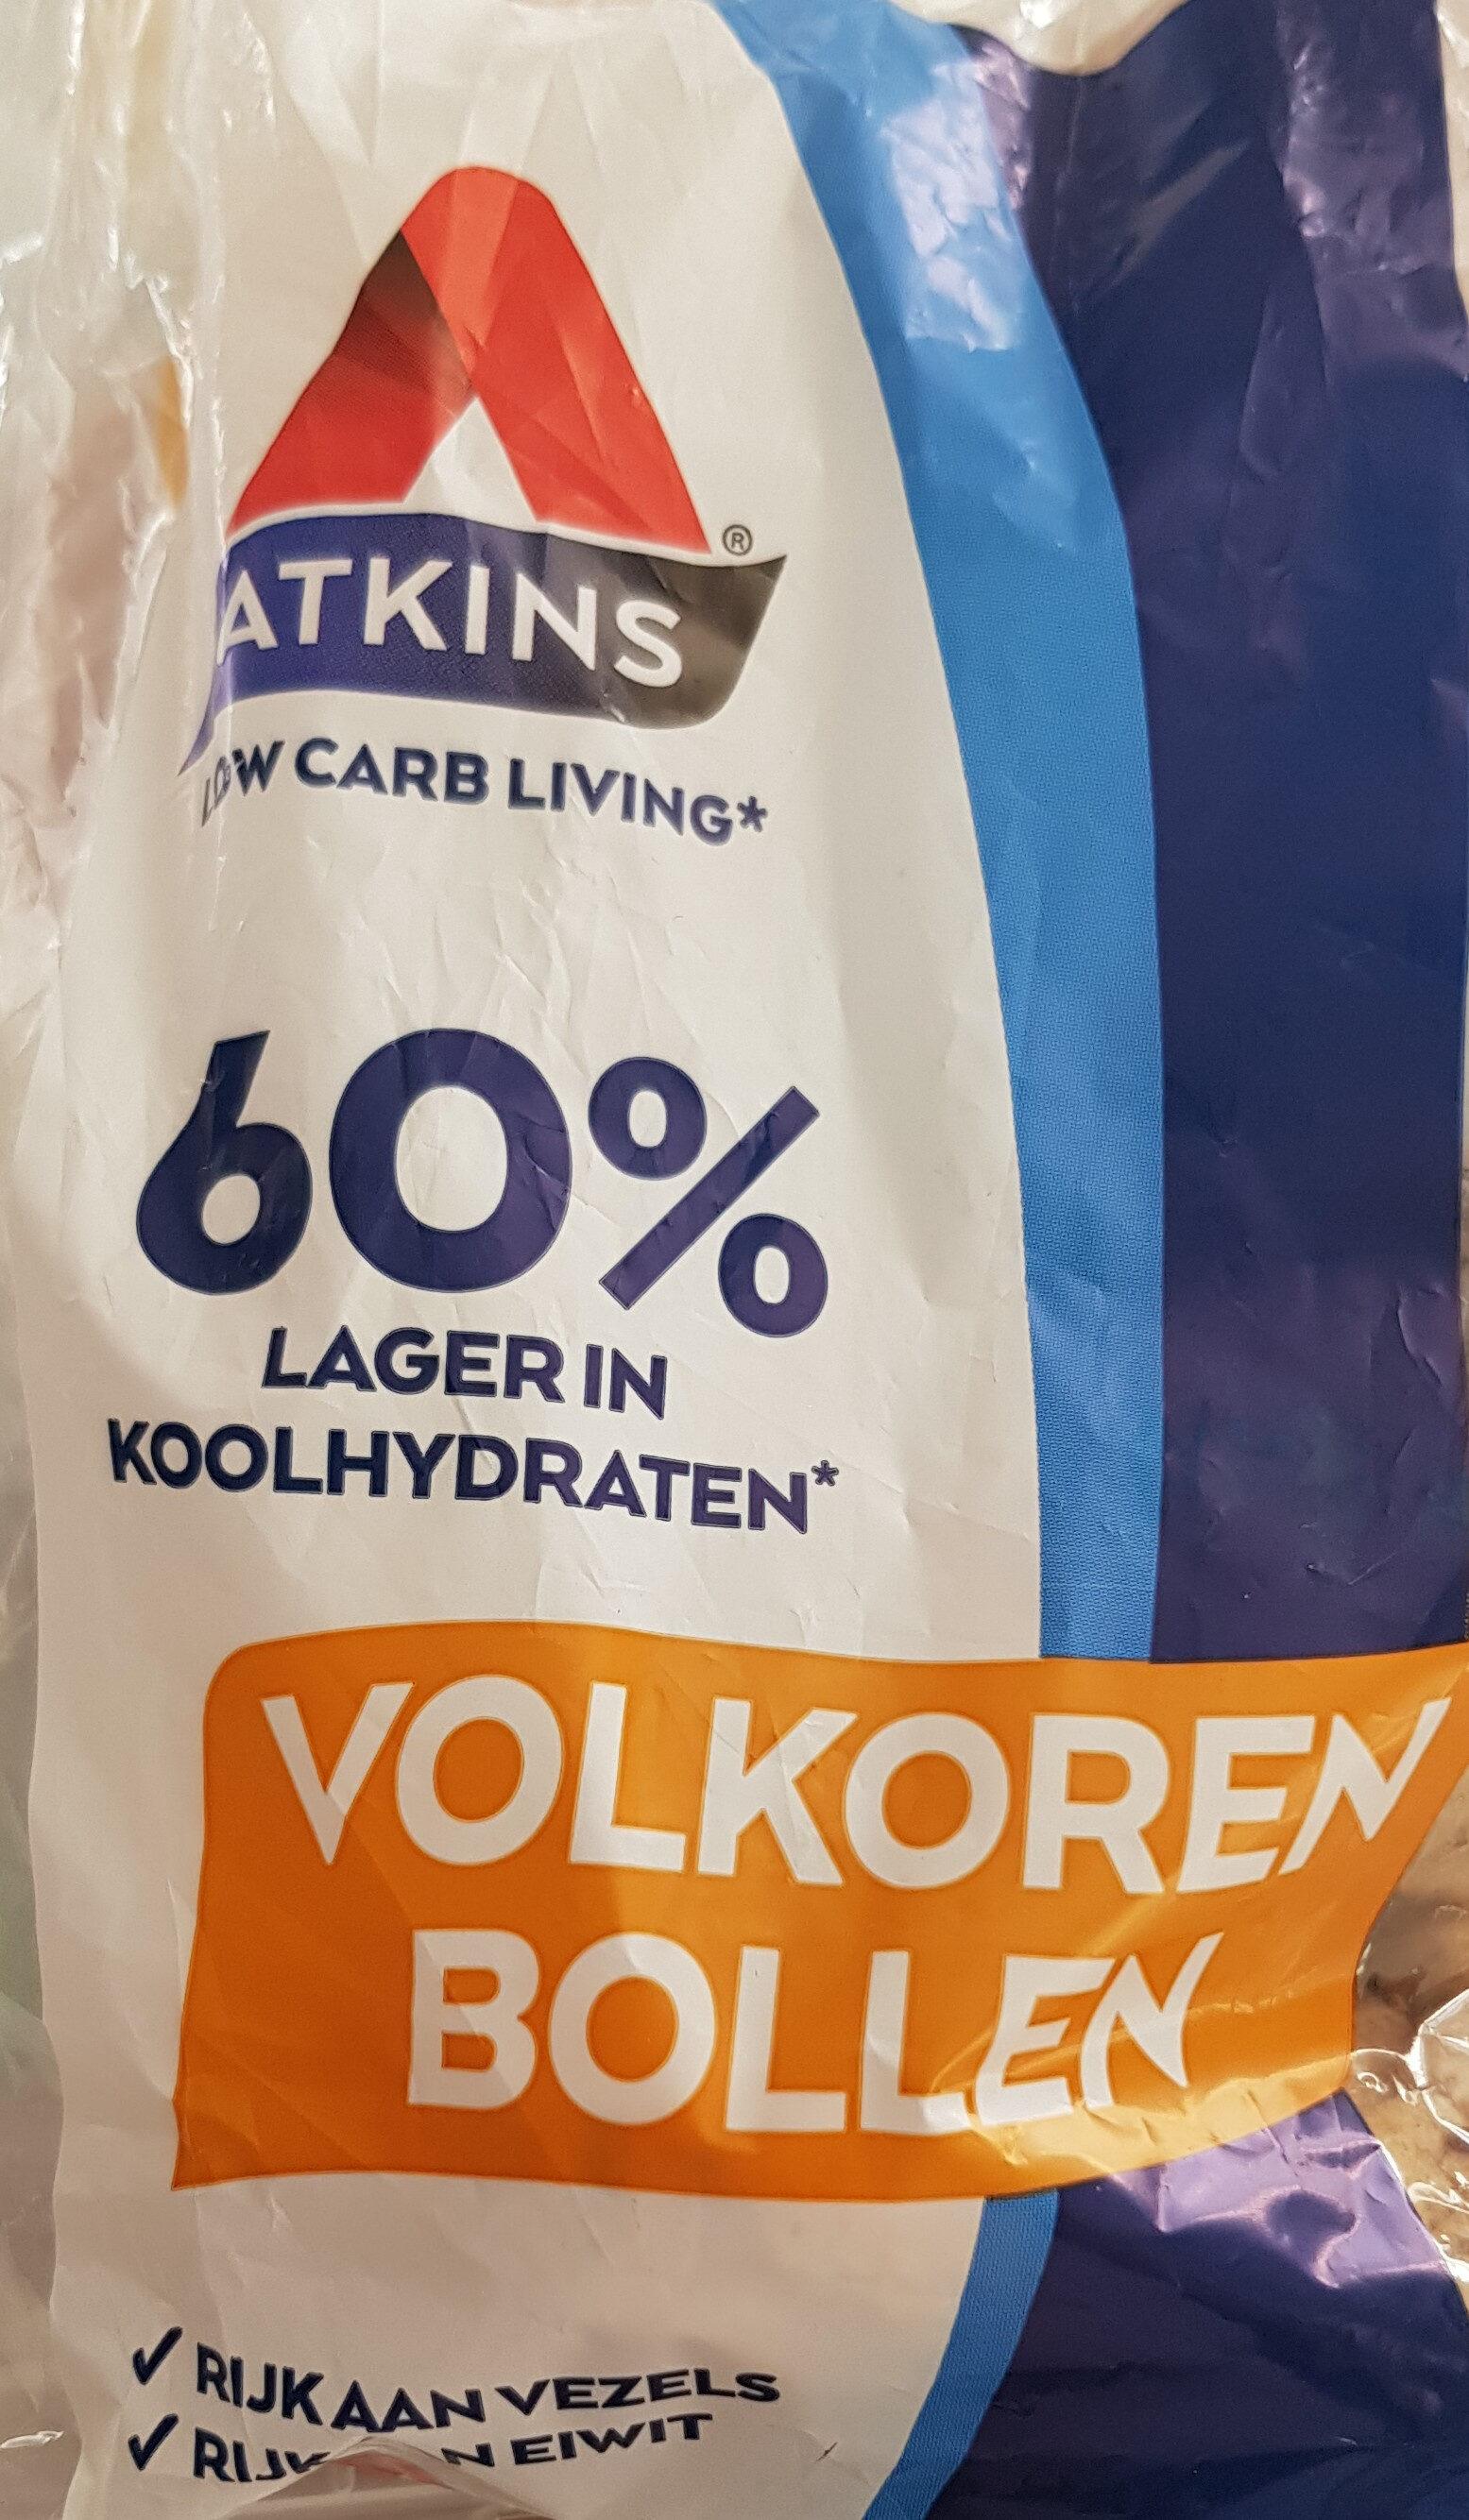 atkins volkoren bollen - Product